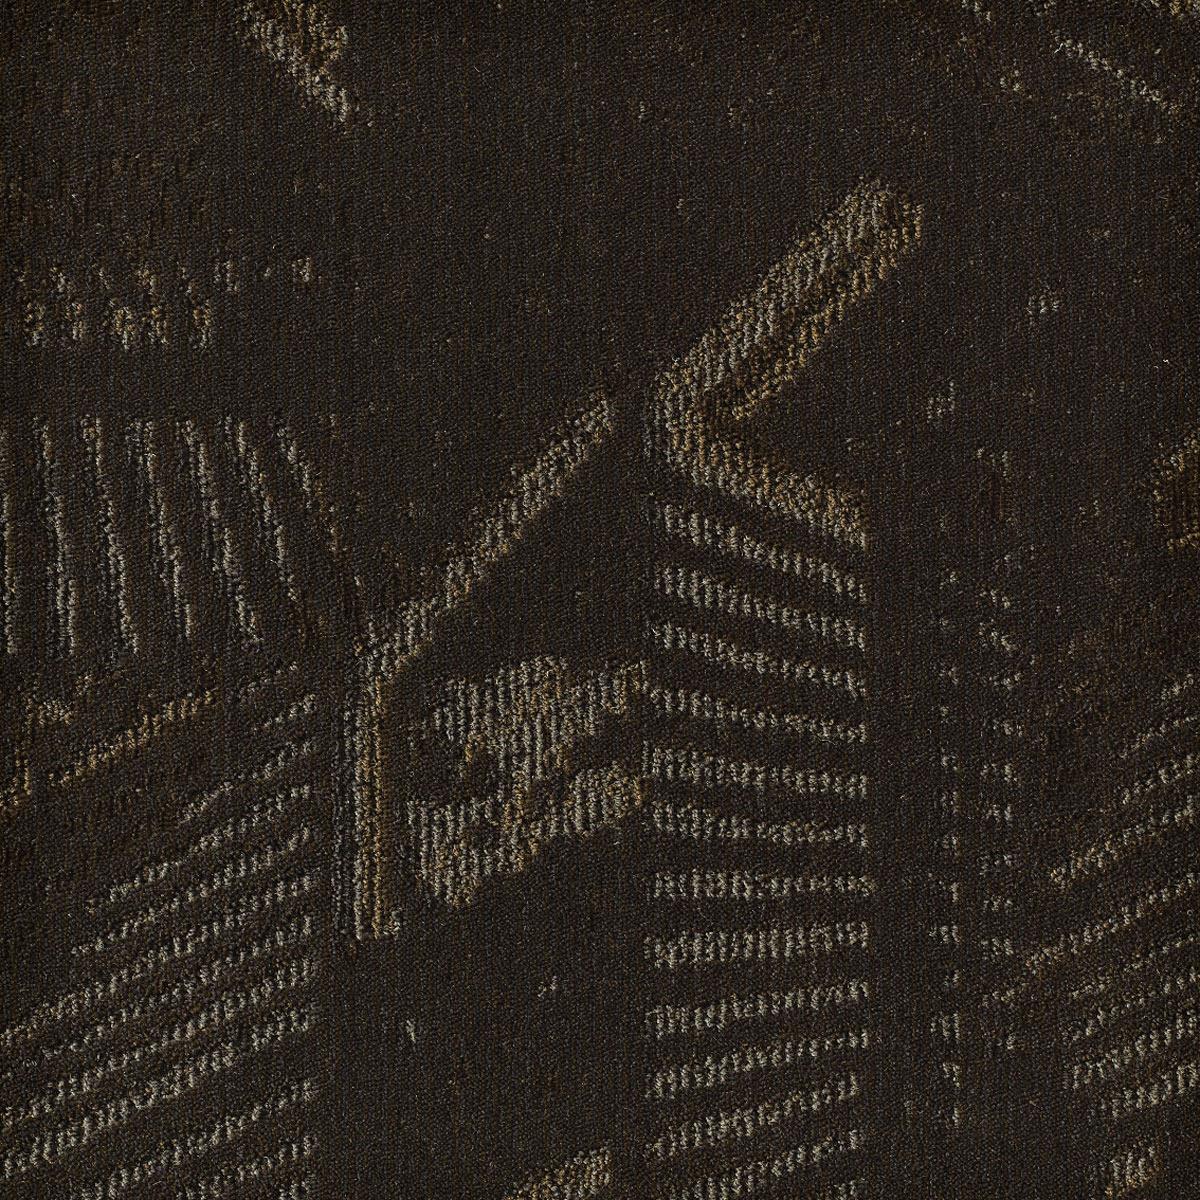 2008 Dark Alley